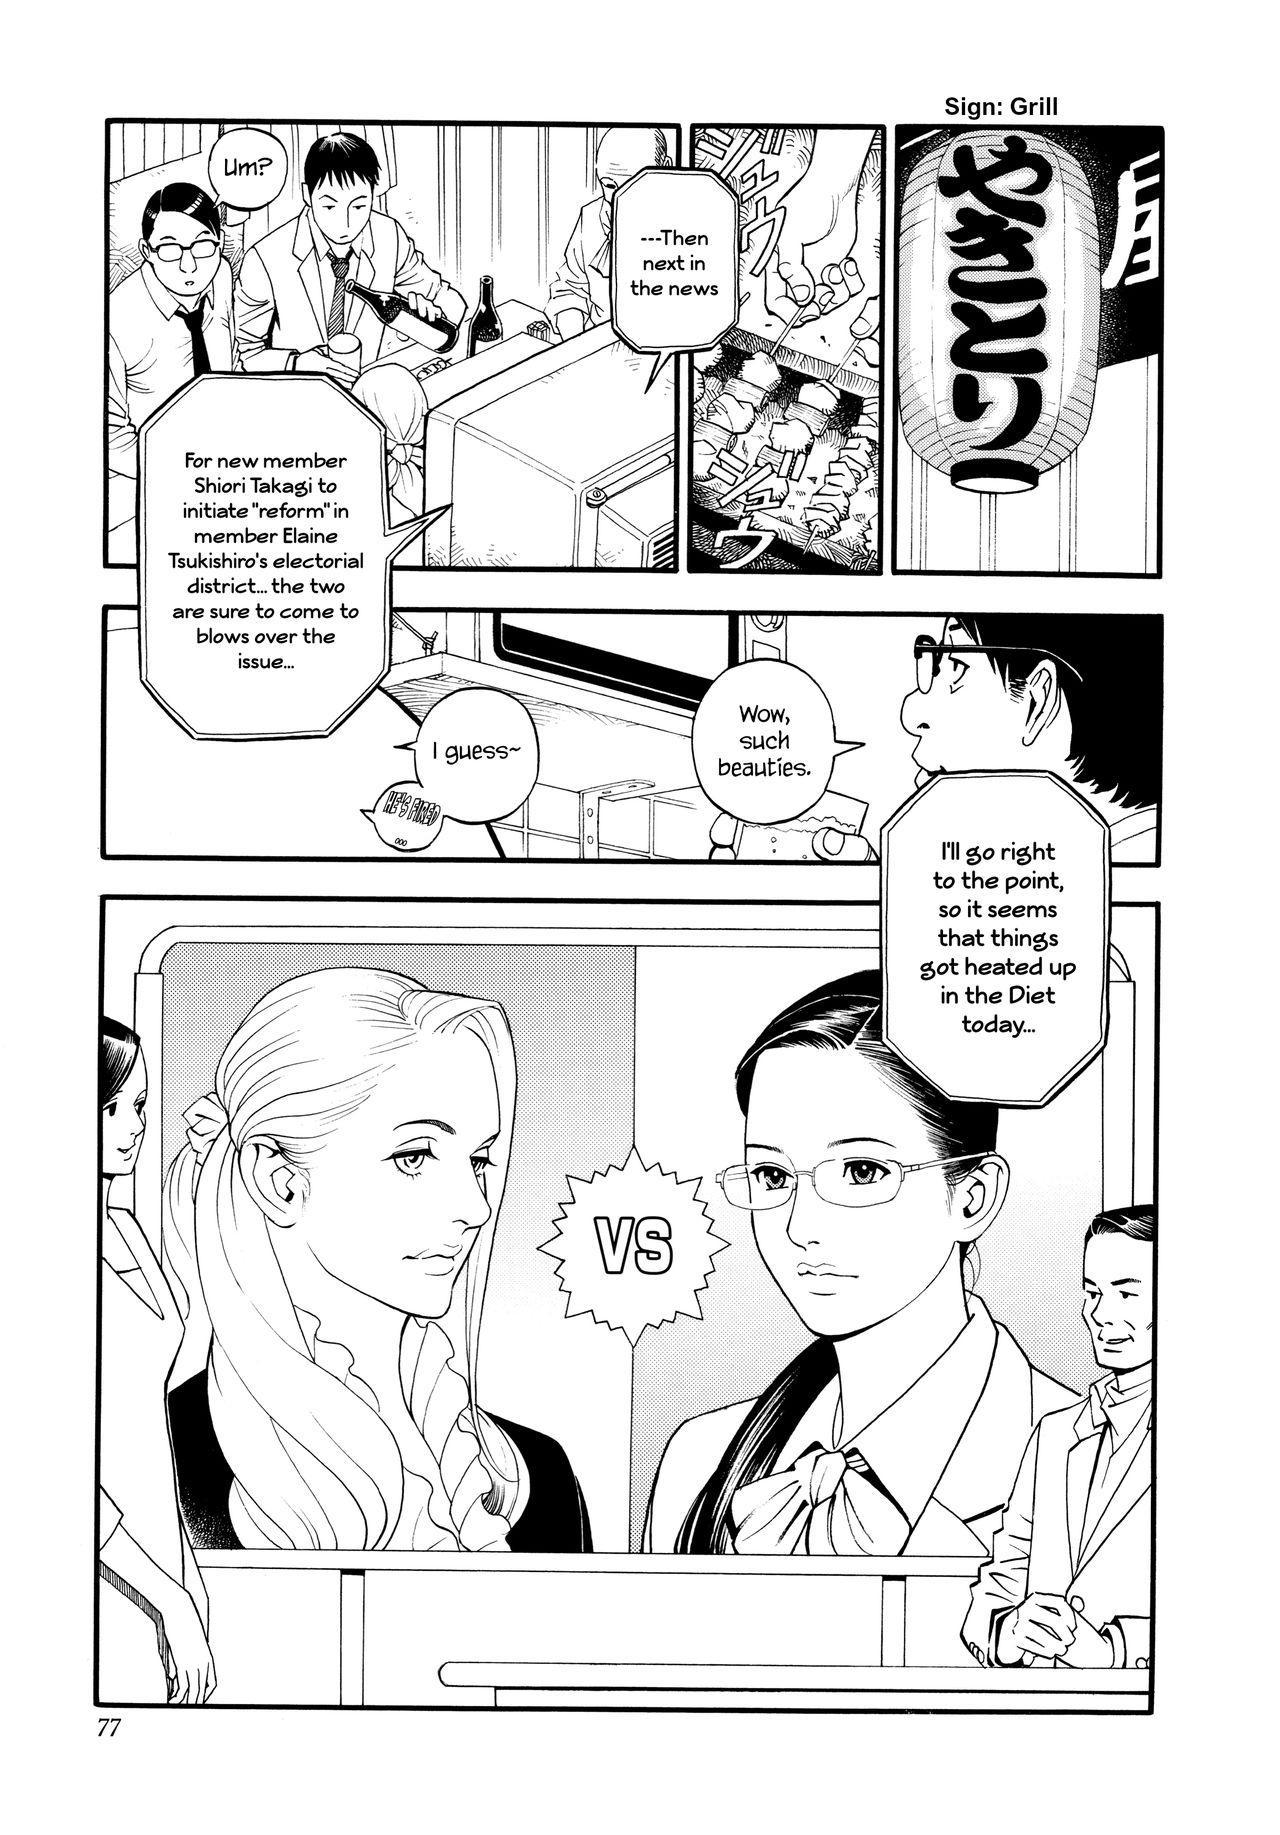 InY Akajuutan + Omake 78